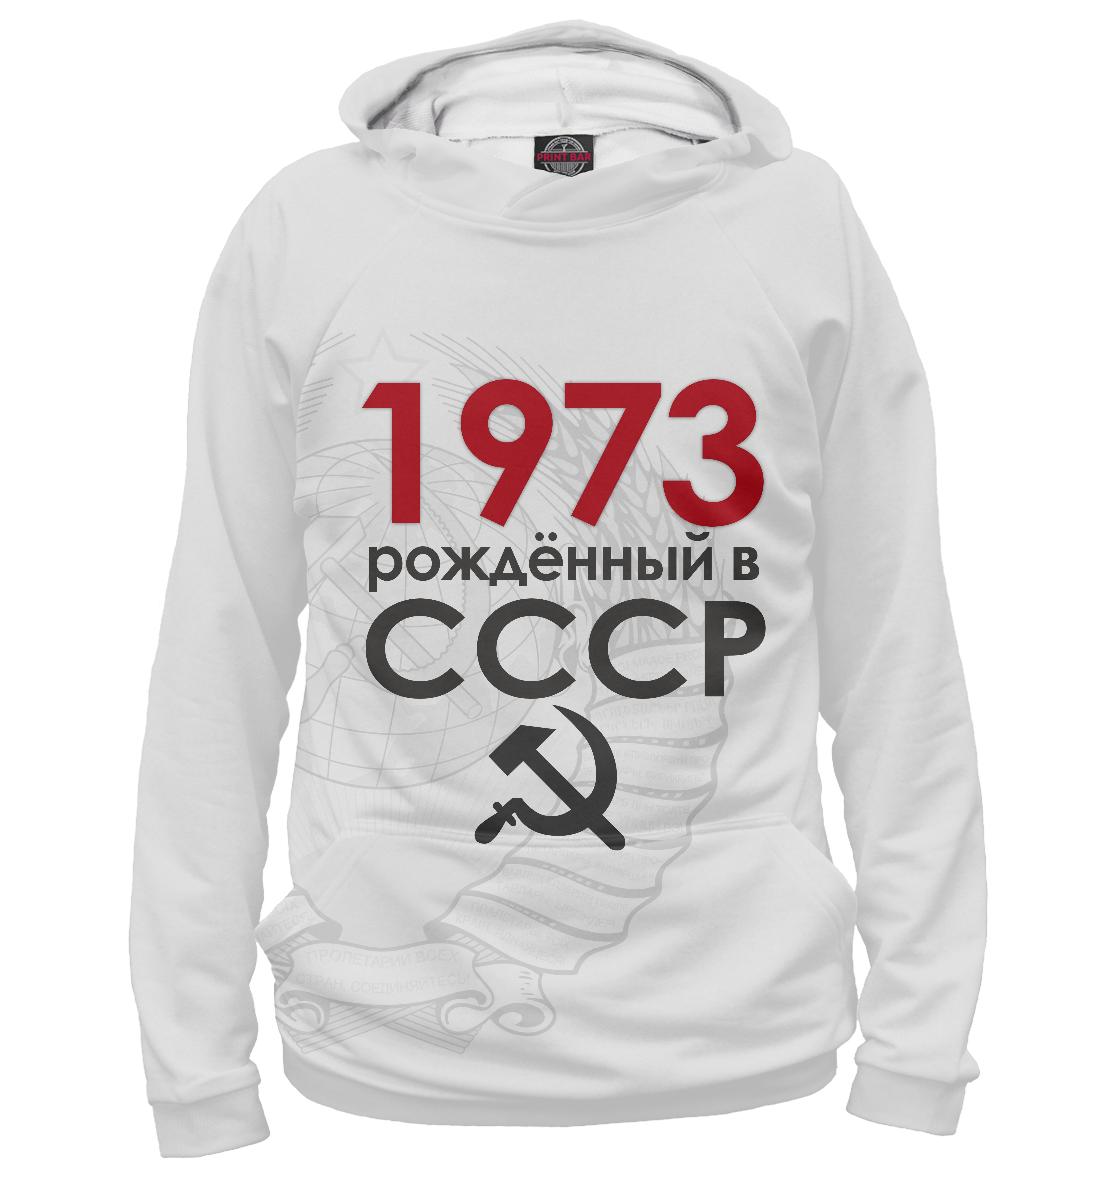 Купить Рожденный в СССР 1973, Printbar, Худи, DSM-550942-hud-1